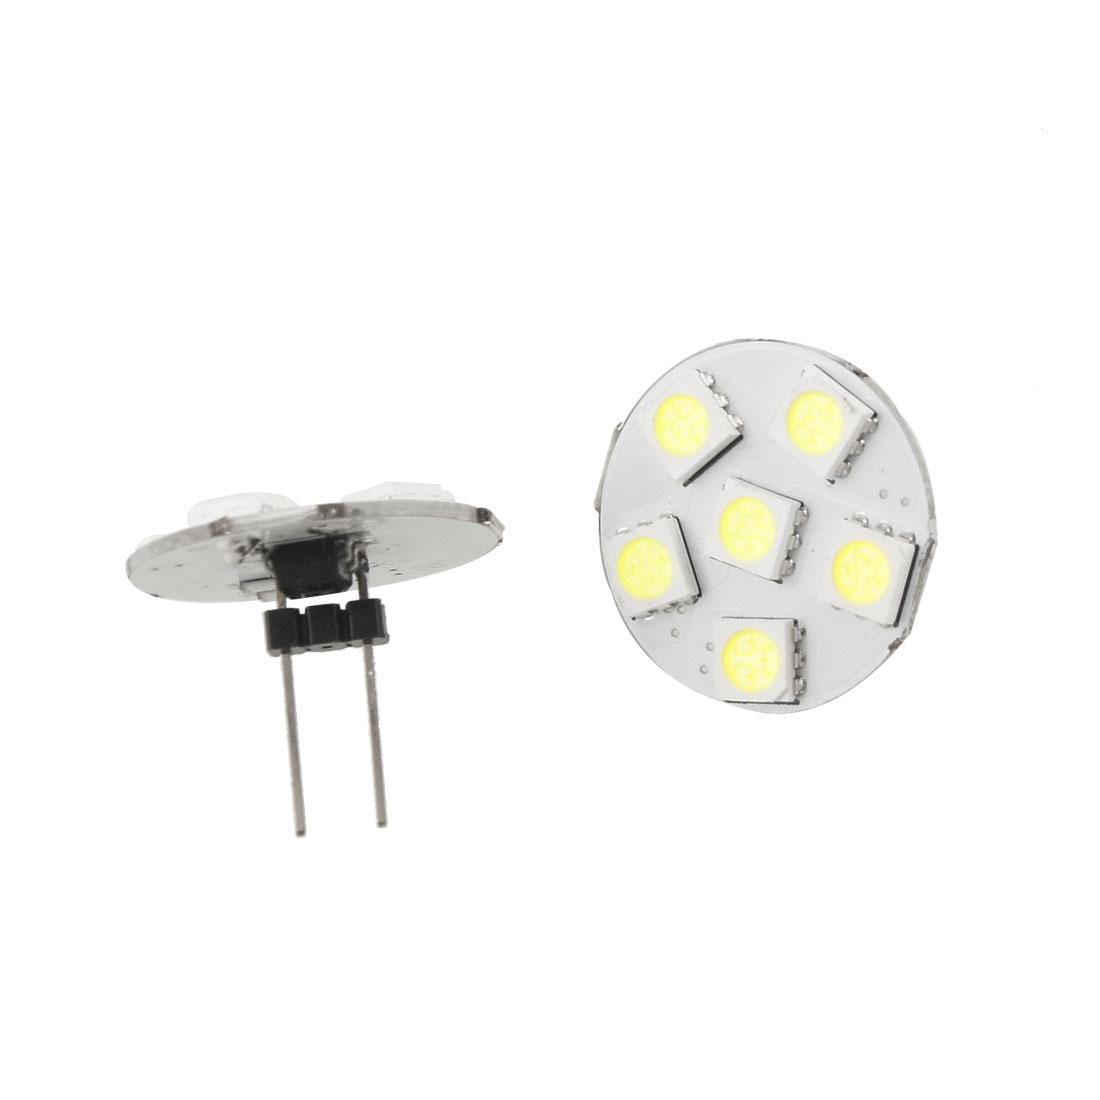 2 Pcs Car Auto White 5050 SMD 6 LEDs Vertical G4 Back Pin Light Bulb